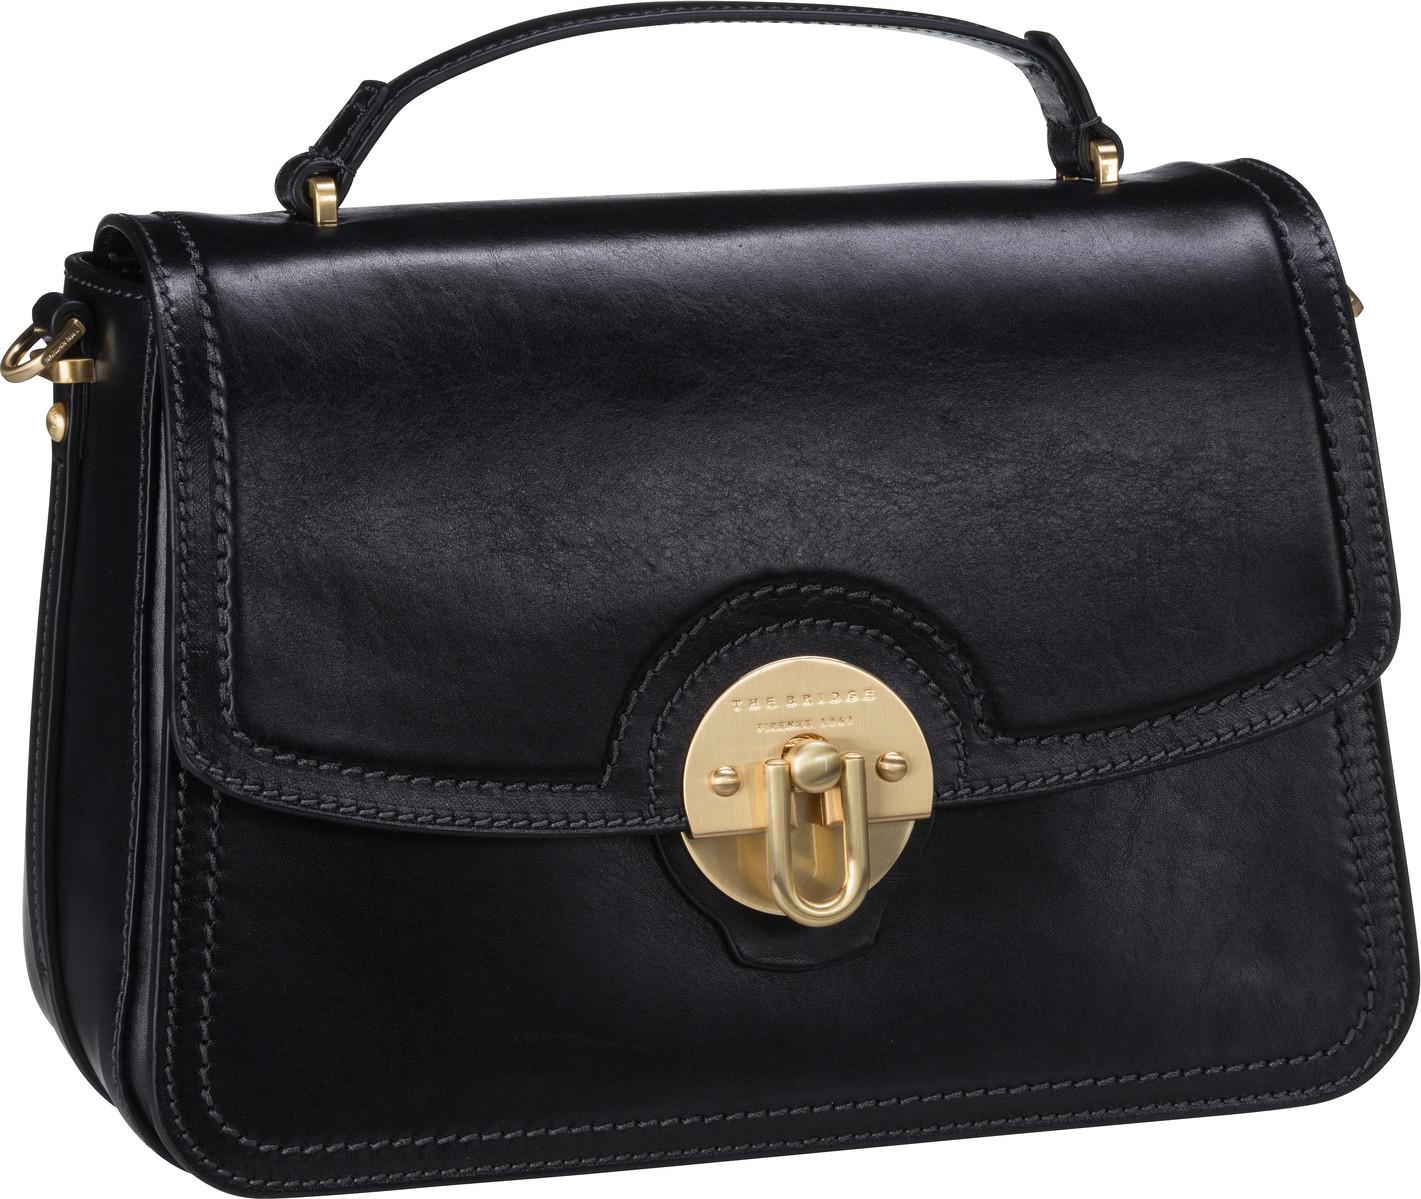 Handtasche Corsini 3750 Nero/Oro